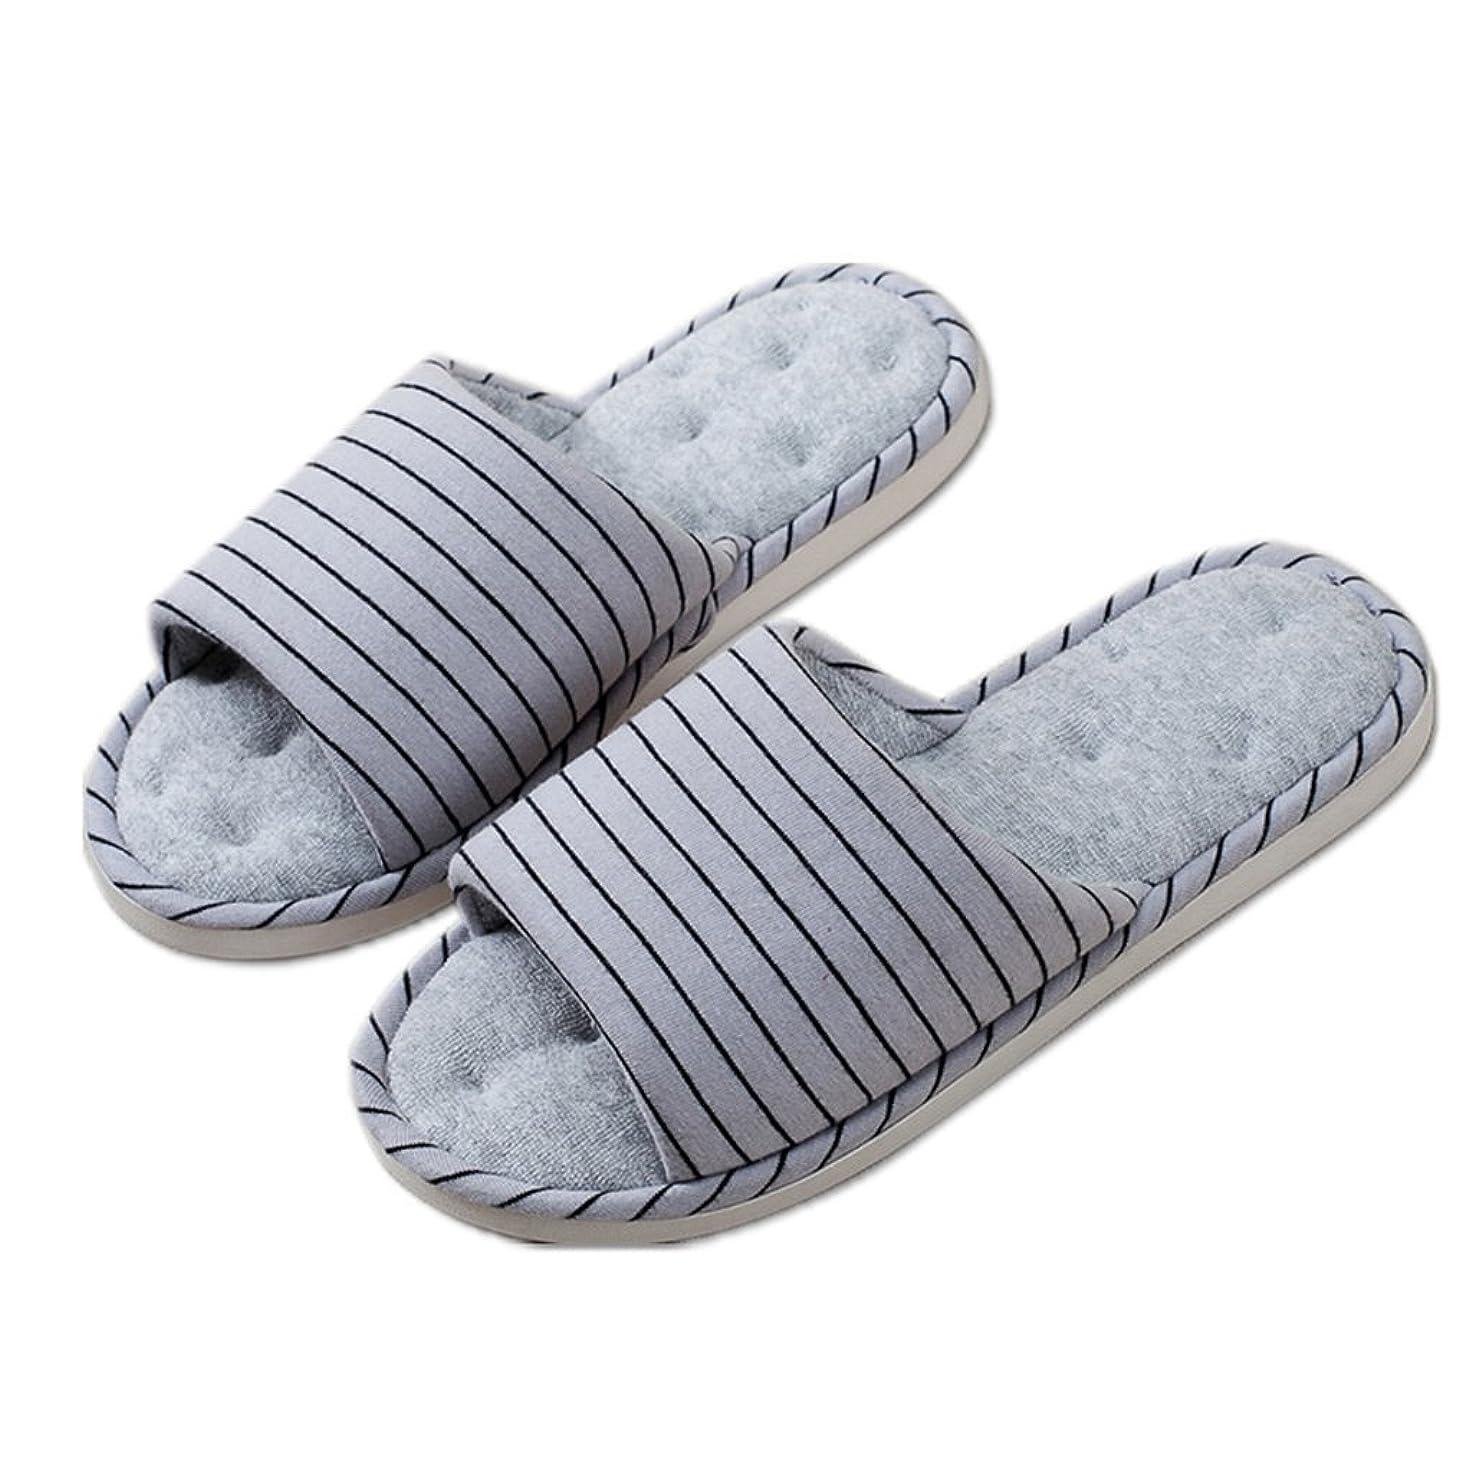 水曜日願望ミシン室内の綿のスリッパ女性の滑り止めソフトで快適なリネン軽量の滑りにくい靴 ( 色 : B , サイズ さいず : EUR:39-40 )